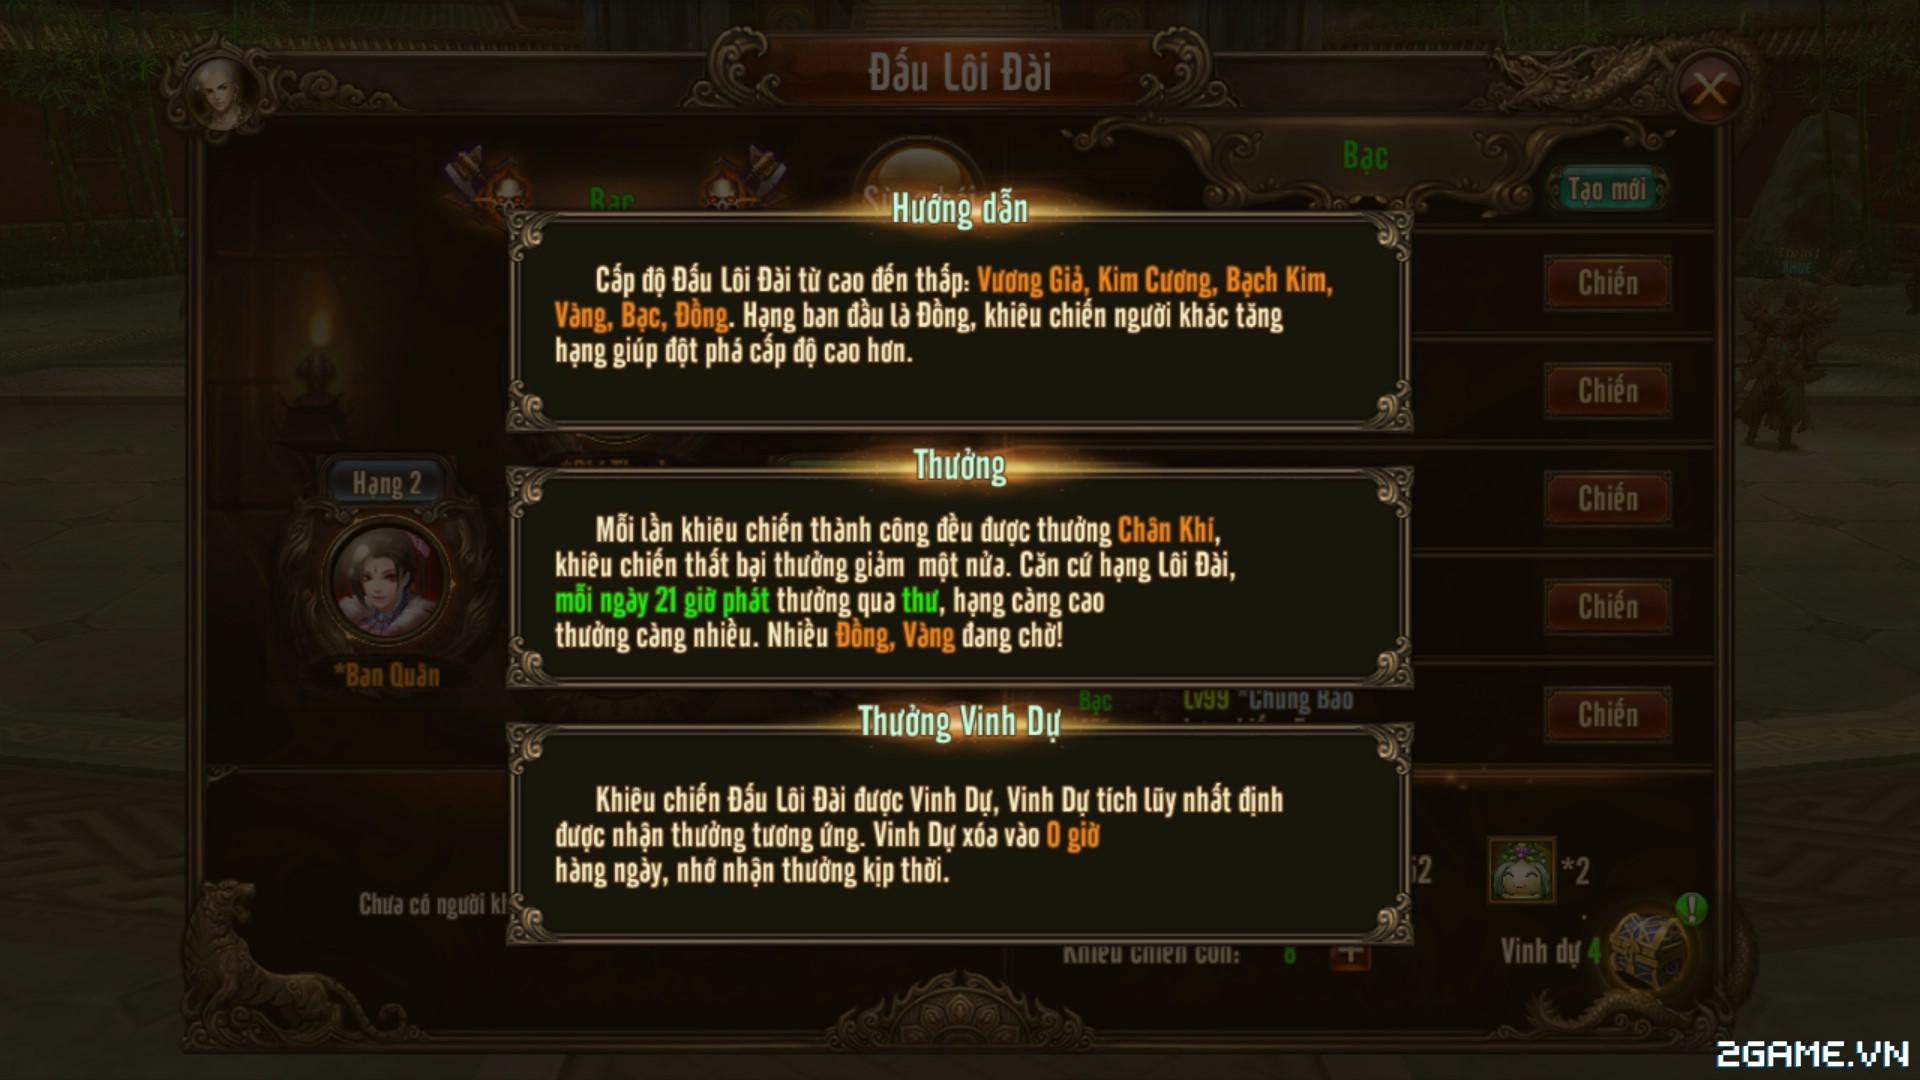 Kungfu Chi Vương - Mẹo tăng cấp nhanh trong game 4